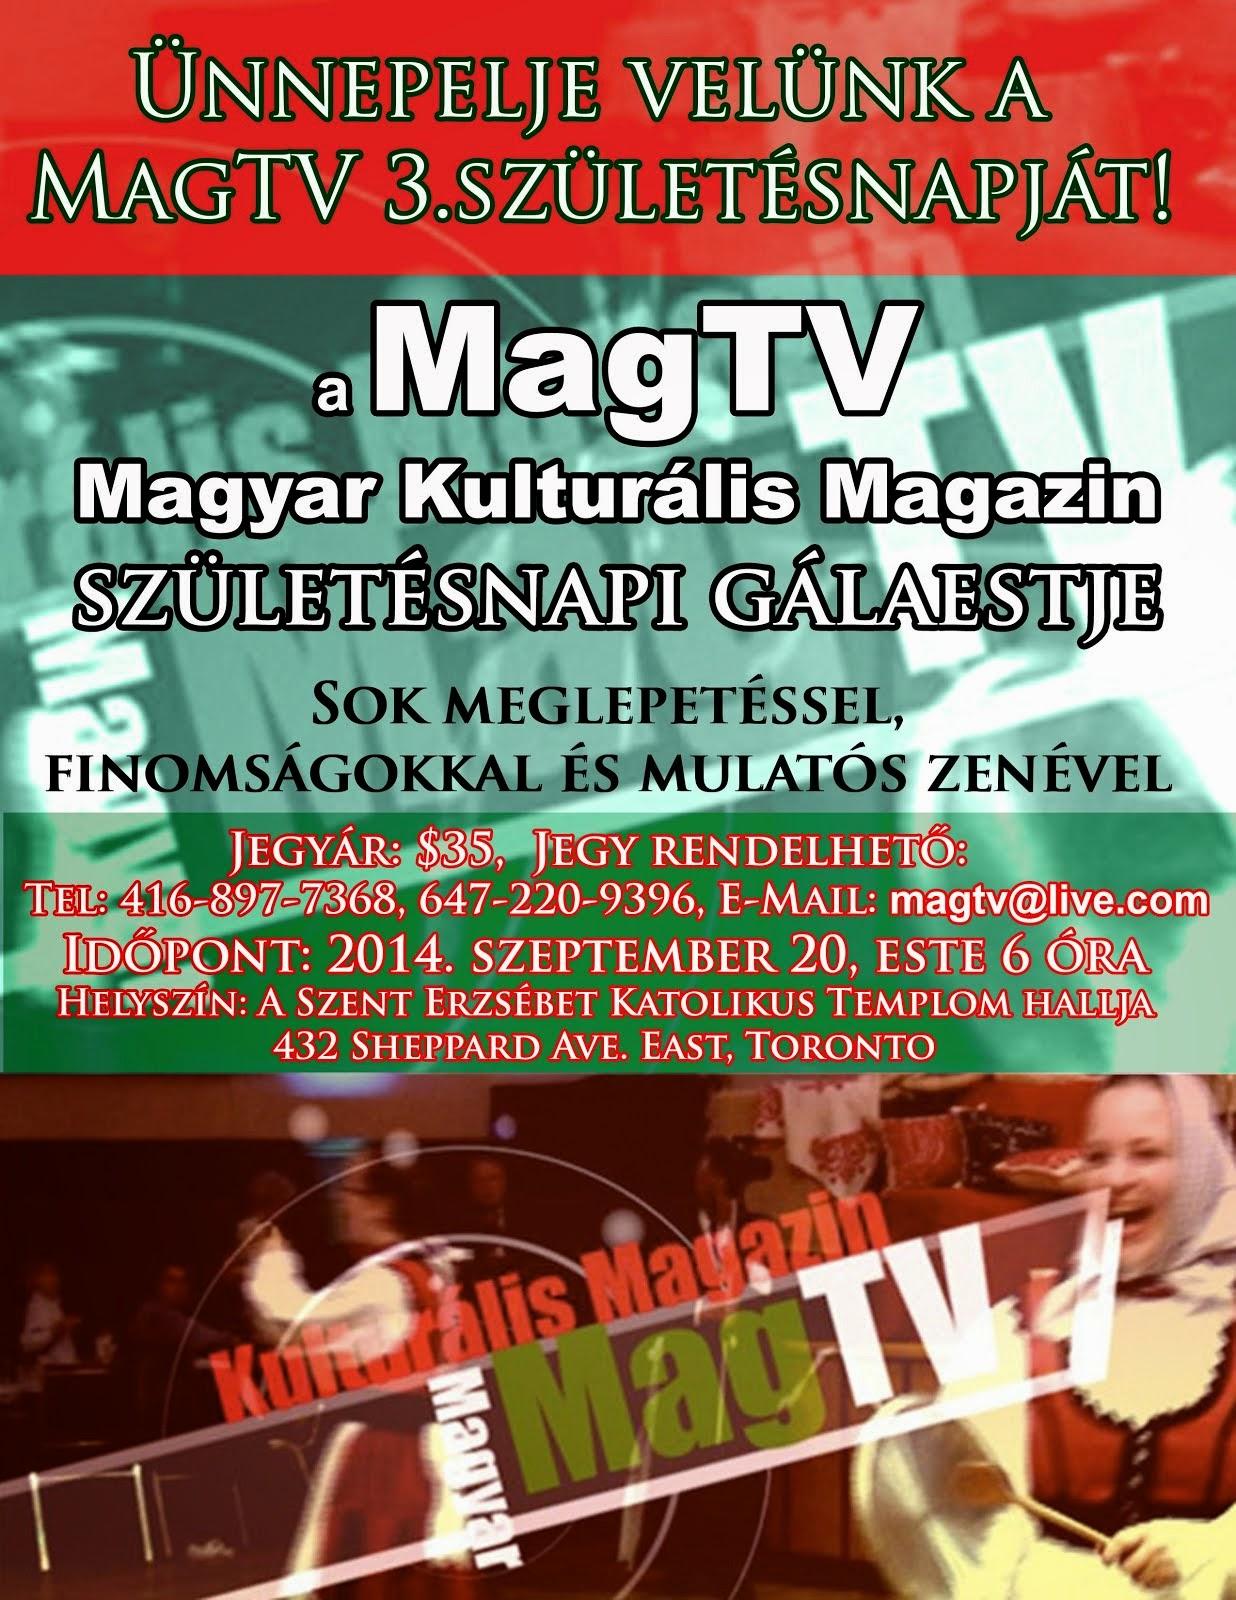 A MAGTV 3. SZÜLETÉSNAPI GÁLAESTJE: 2014. szeptember 20, este 6 óra